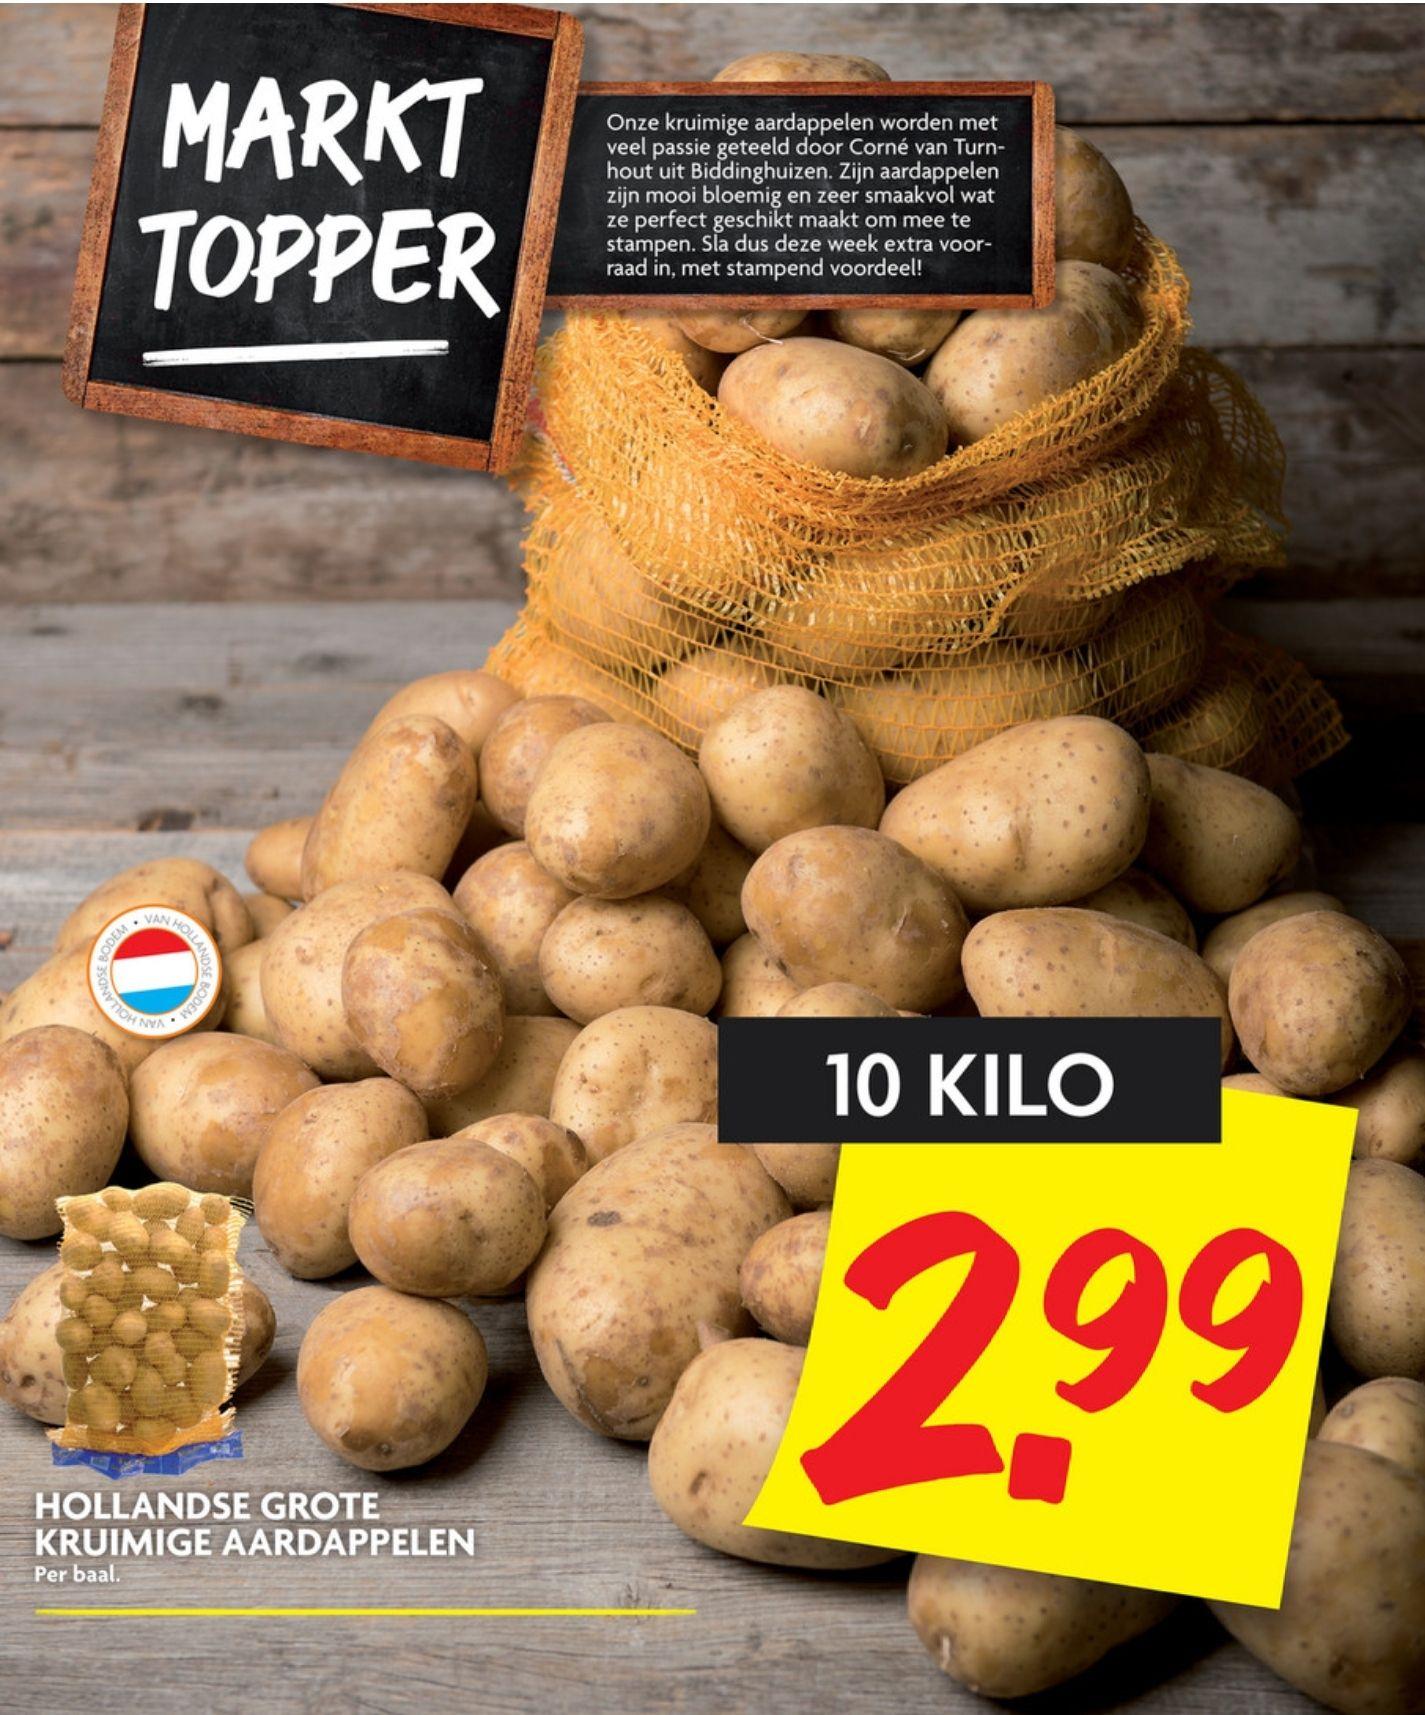 10 kilo aardappelen voor €2,99 bij DekaMarkt en €3,00 bij Deen!